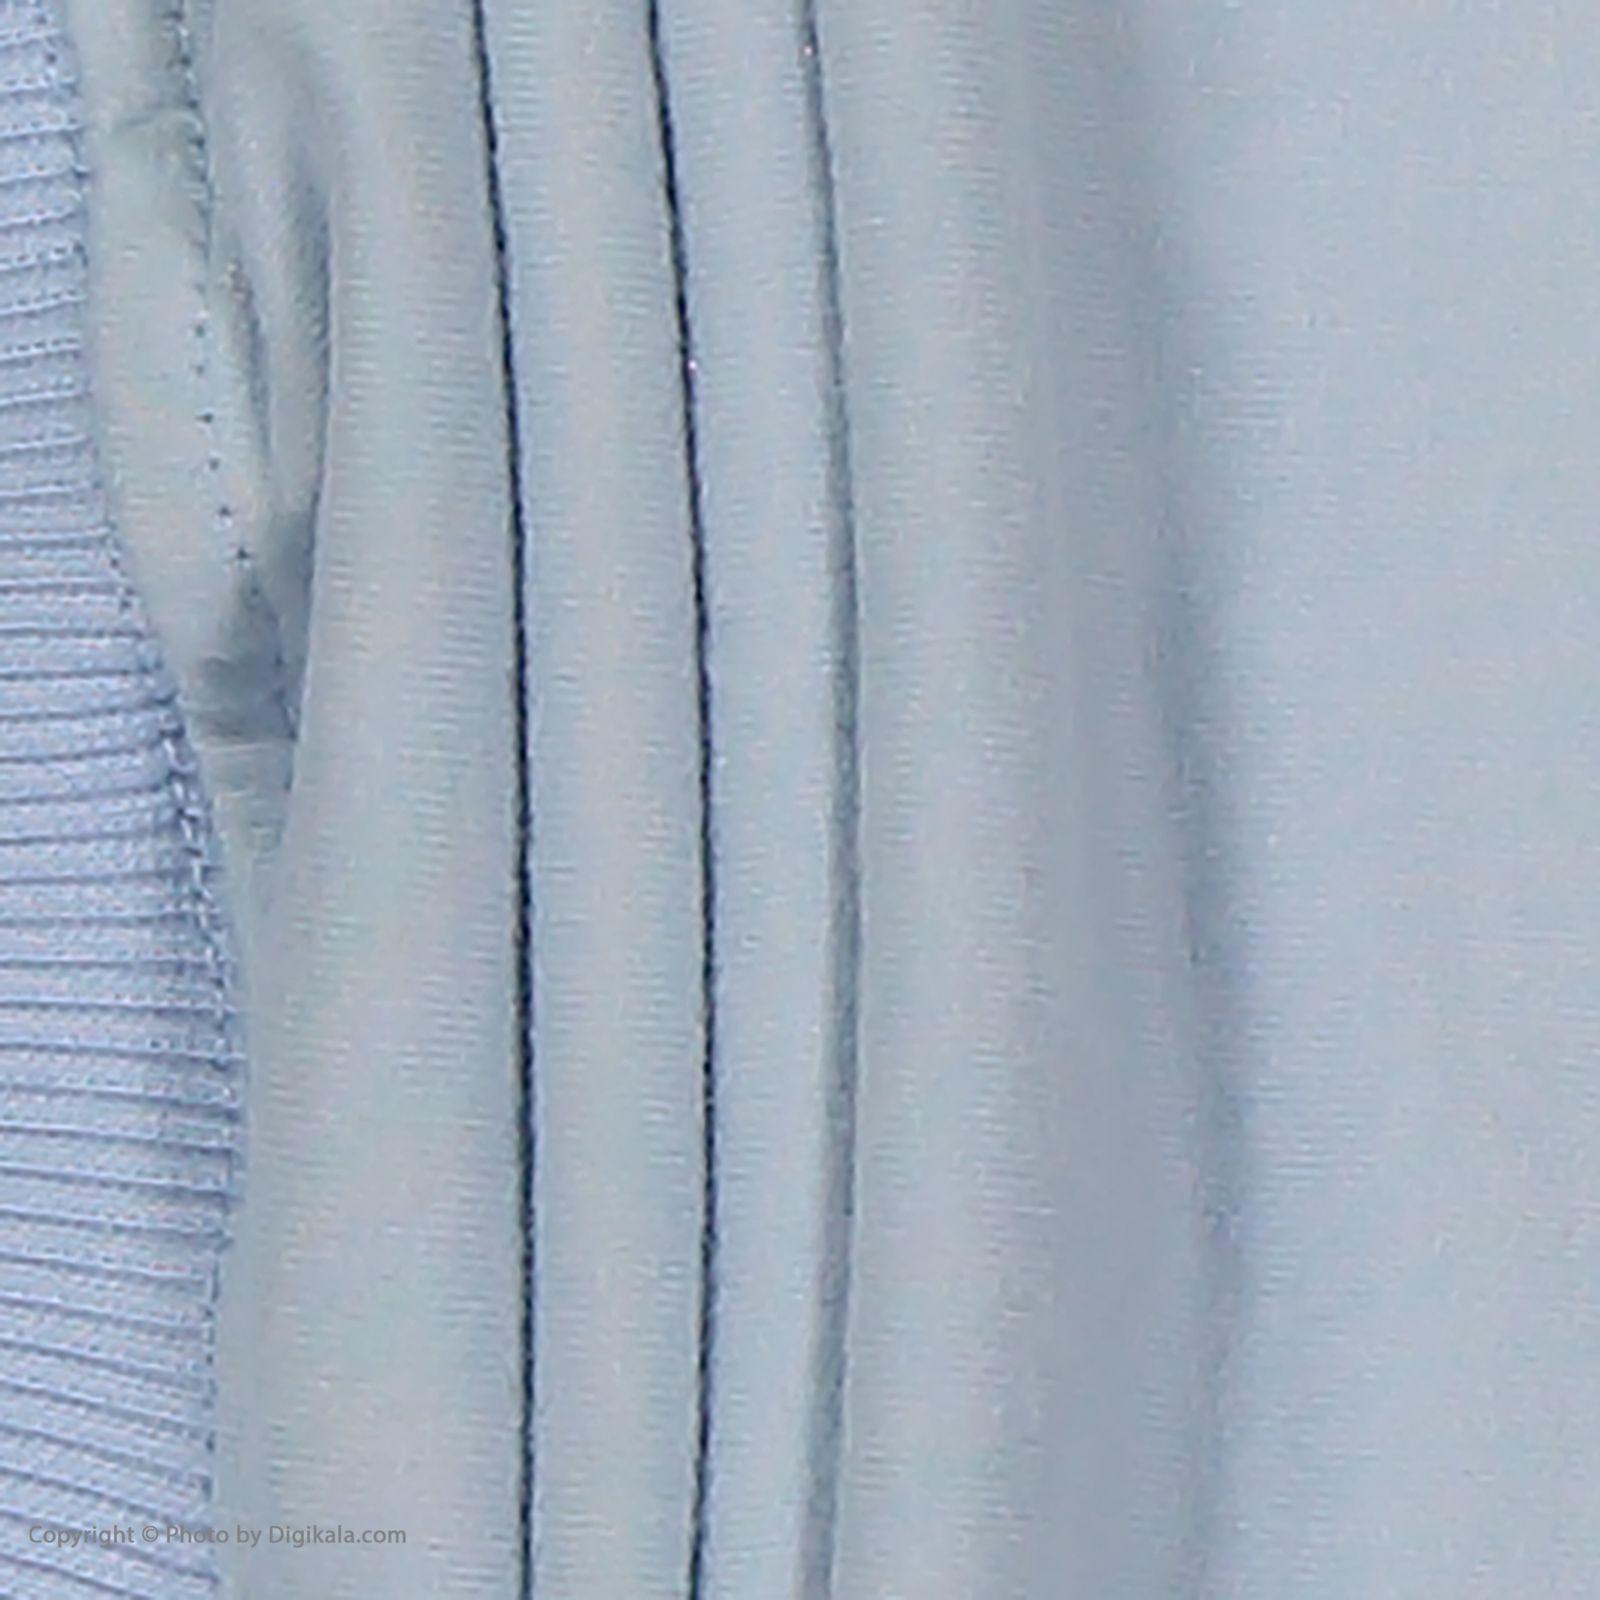 سویشرت پسرانه بی کی مدل 2211132-51 main 1 3